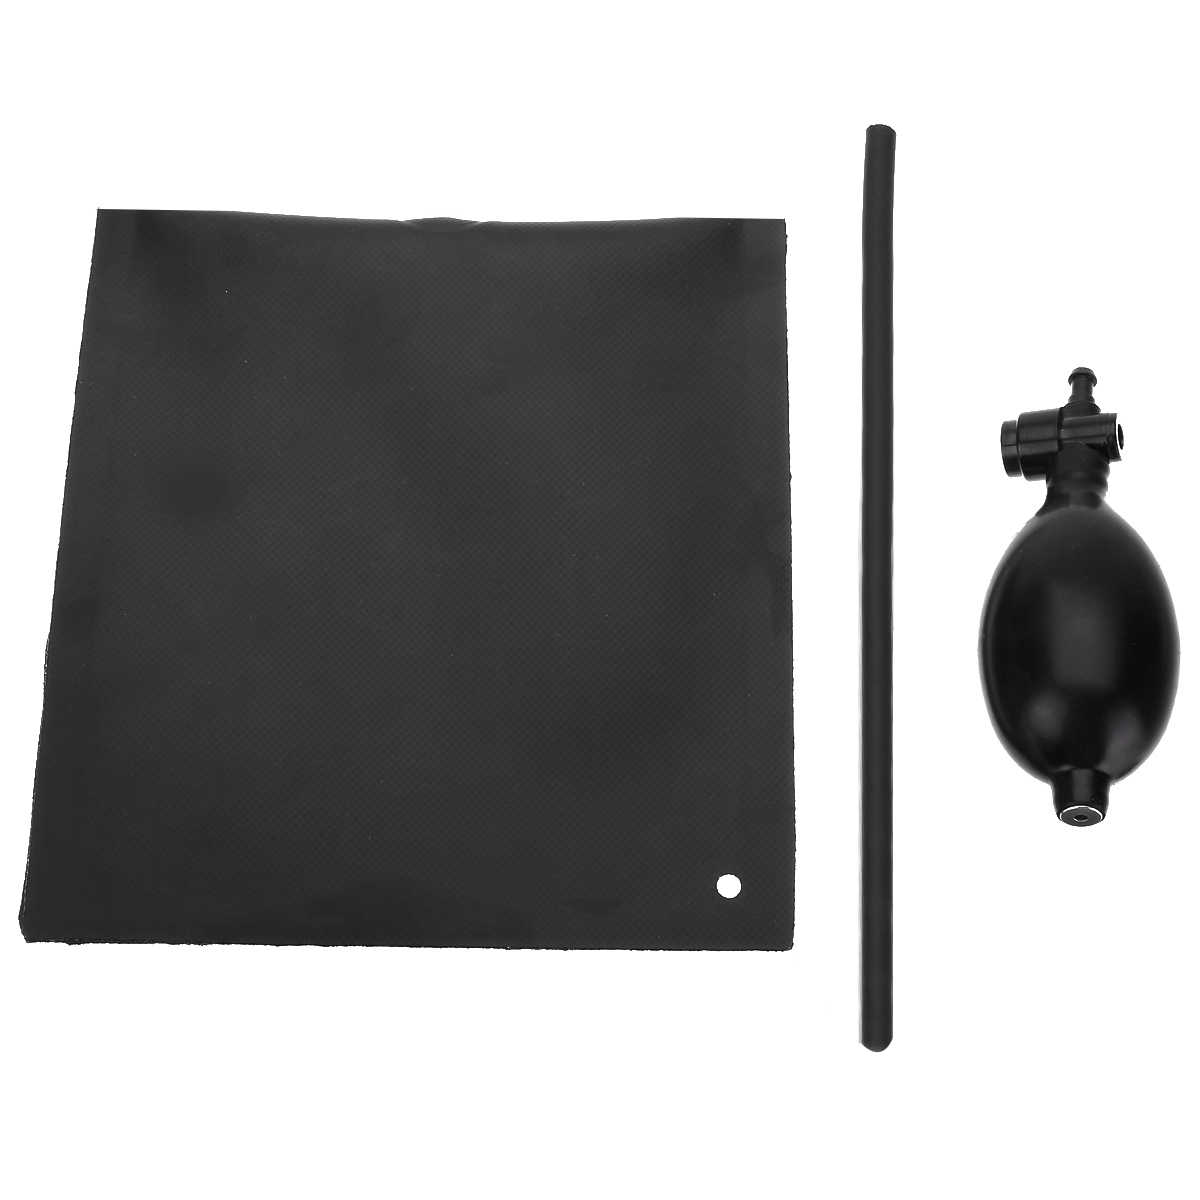 Mayitr שכבה כפולה גומי רכב חלון דלת משאבת Wedge כרית אוויר מתנפח פתוח כניסת יד תיקון כלי שחור